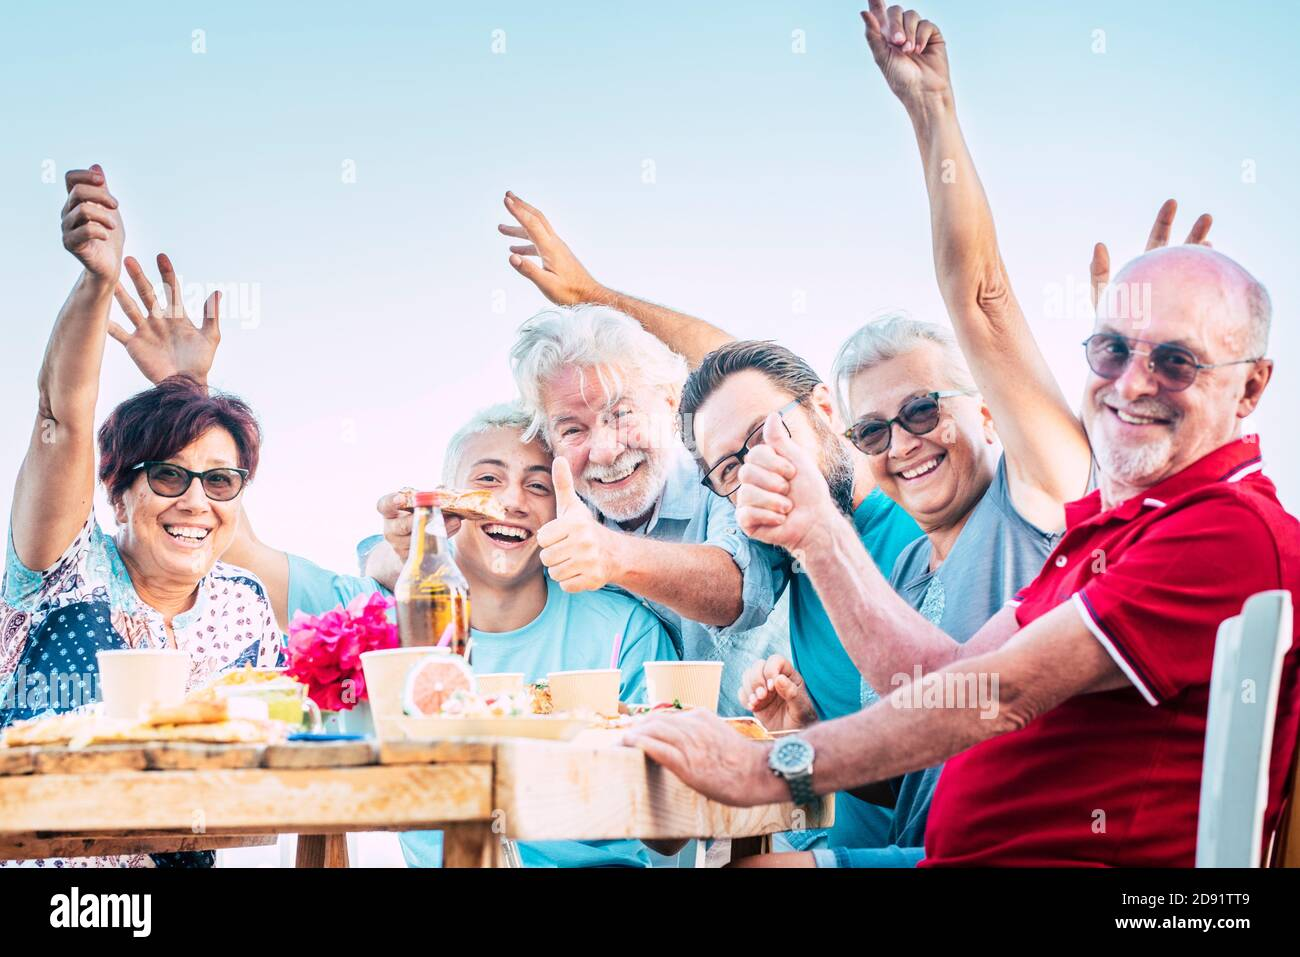 Groupe de personnes famille s'amuser et profiter de la fête en plein air - les hommes et les femmes caucasiens rient autour d'une table en bois avec plats et boissons - wi d'anniversaire Banque D'Images